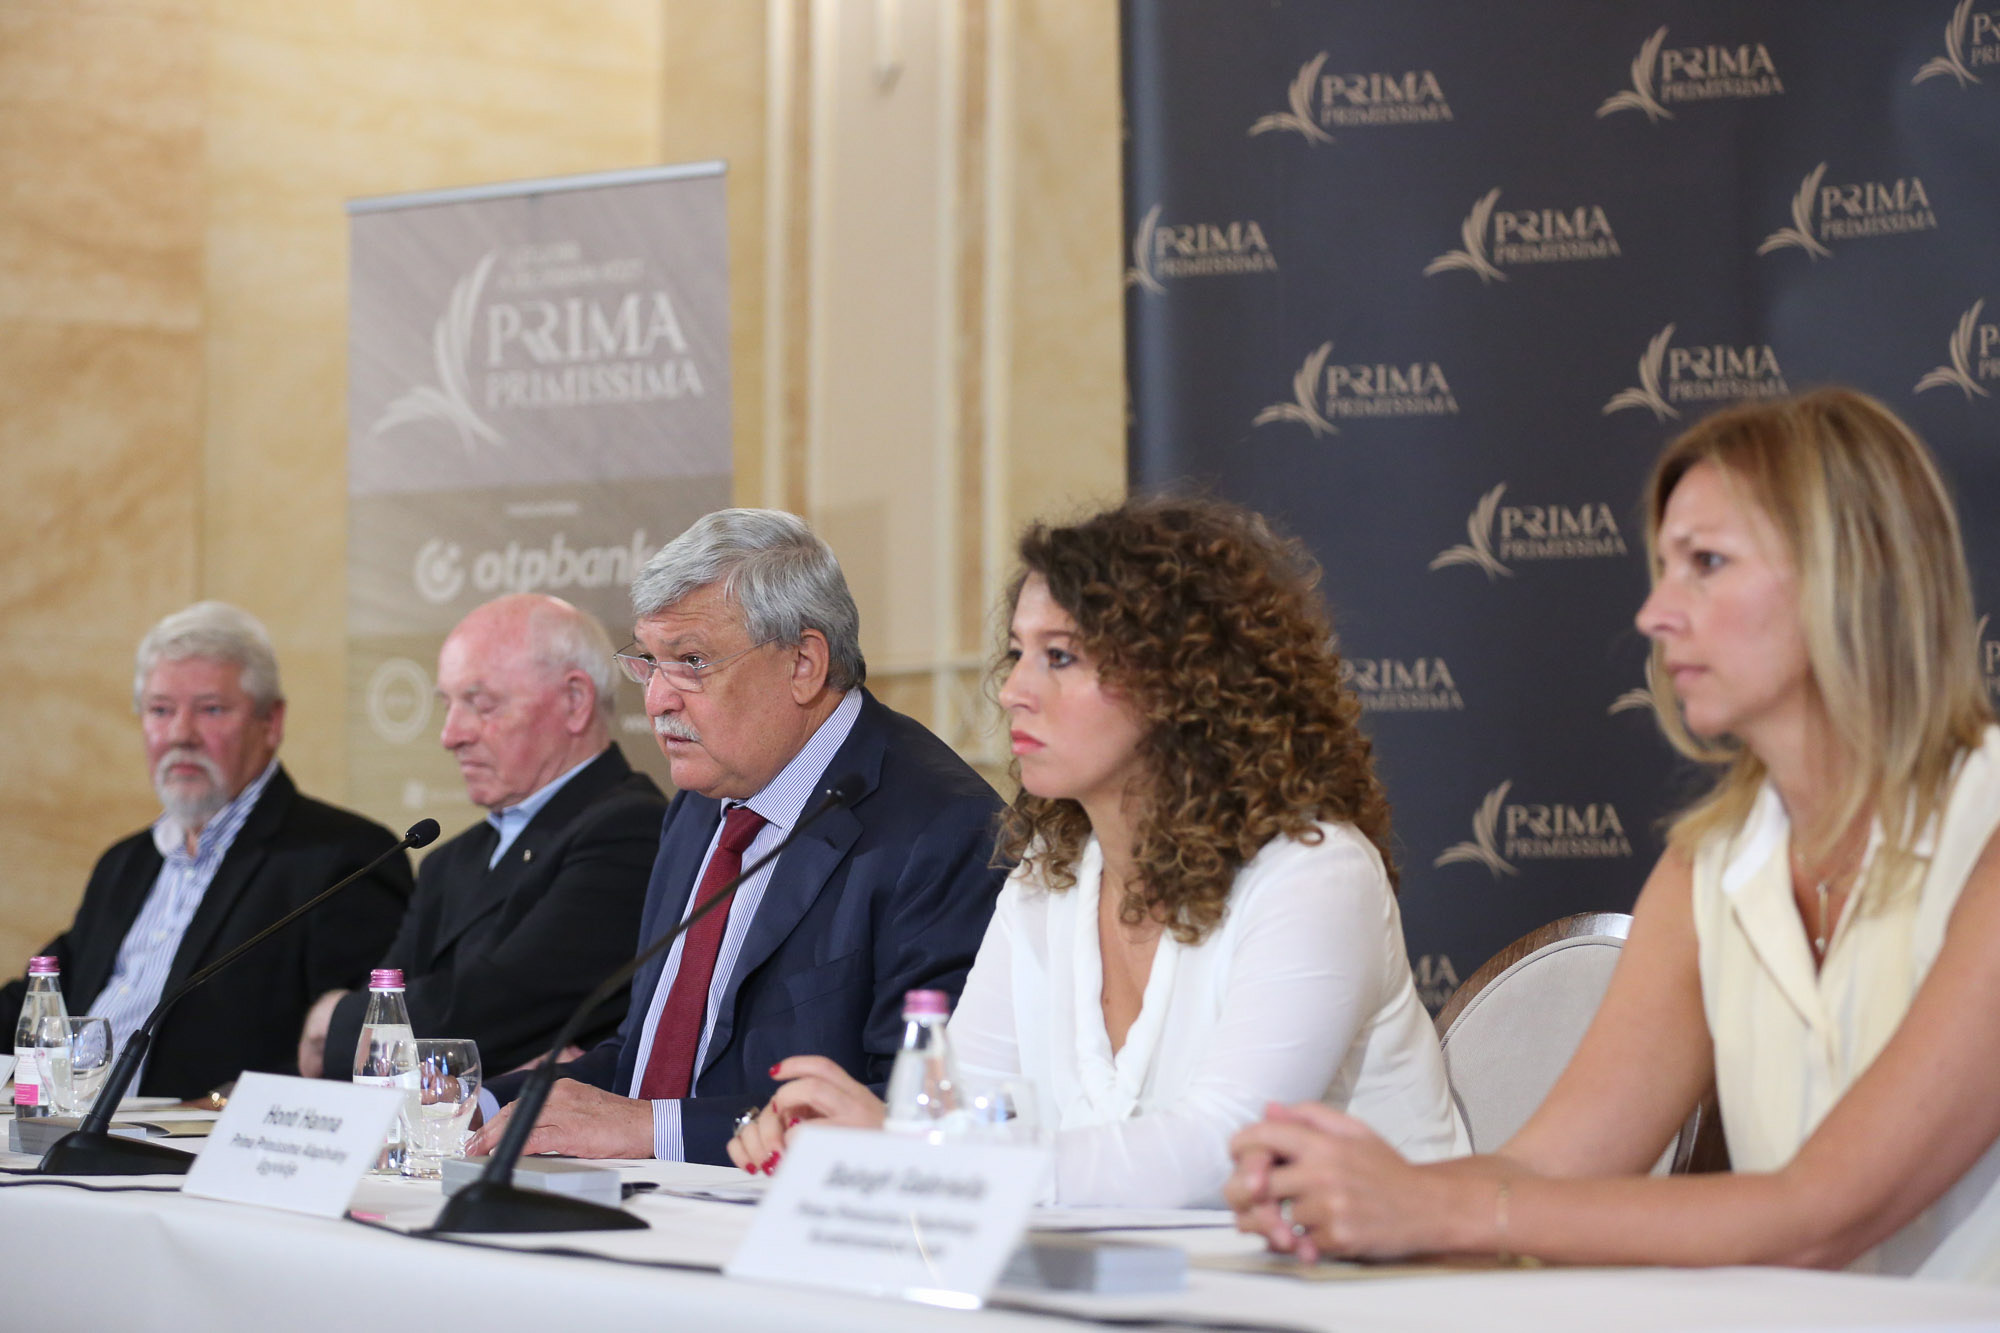 Prima Primissima - Hatalmas támogatás tehetséges embereknek